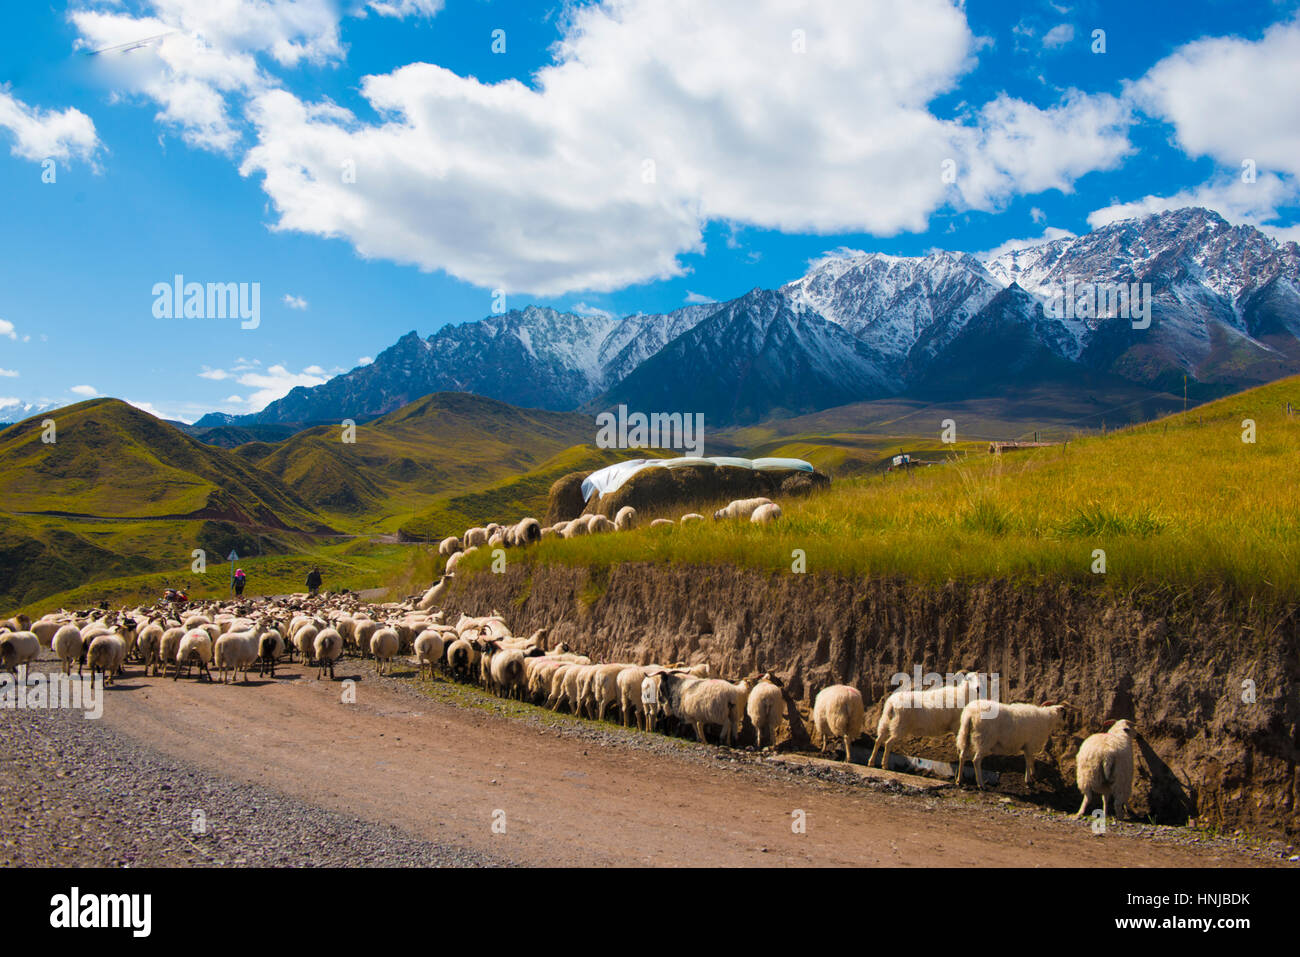 Y los pastores de ovejas en las montañas Qilan, provincia de Gansu, China, China occidental, cerca de la ruta Imagen De Stock